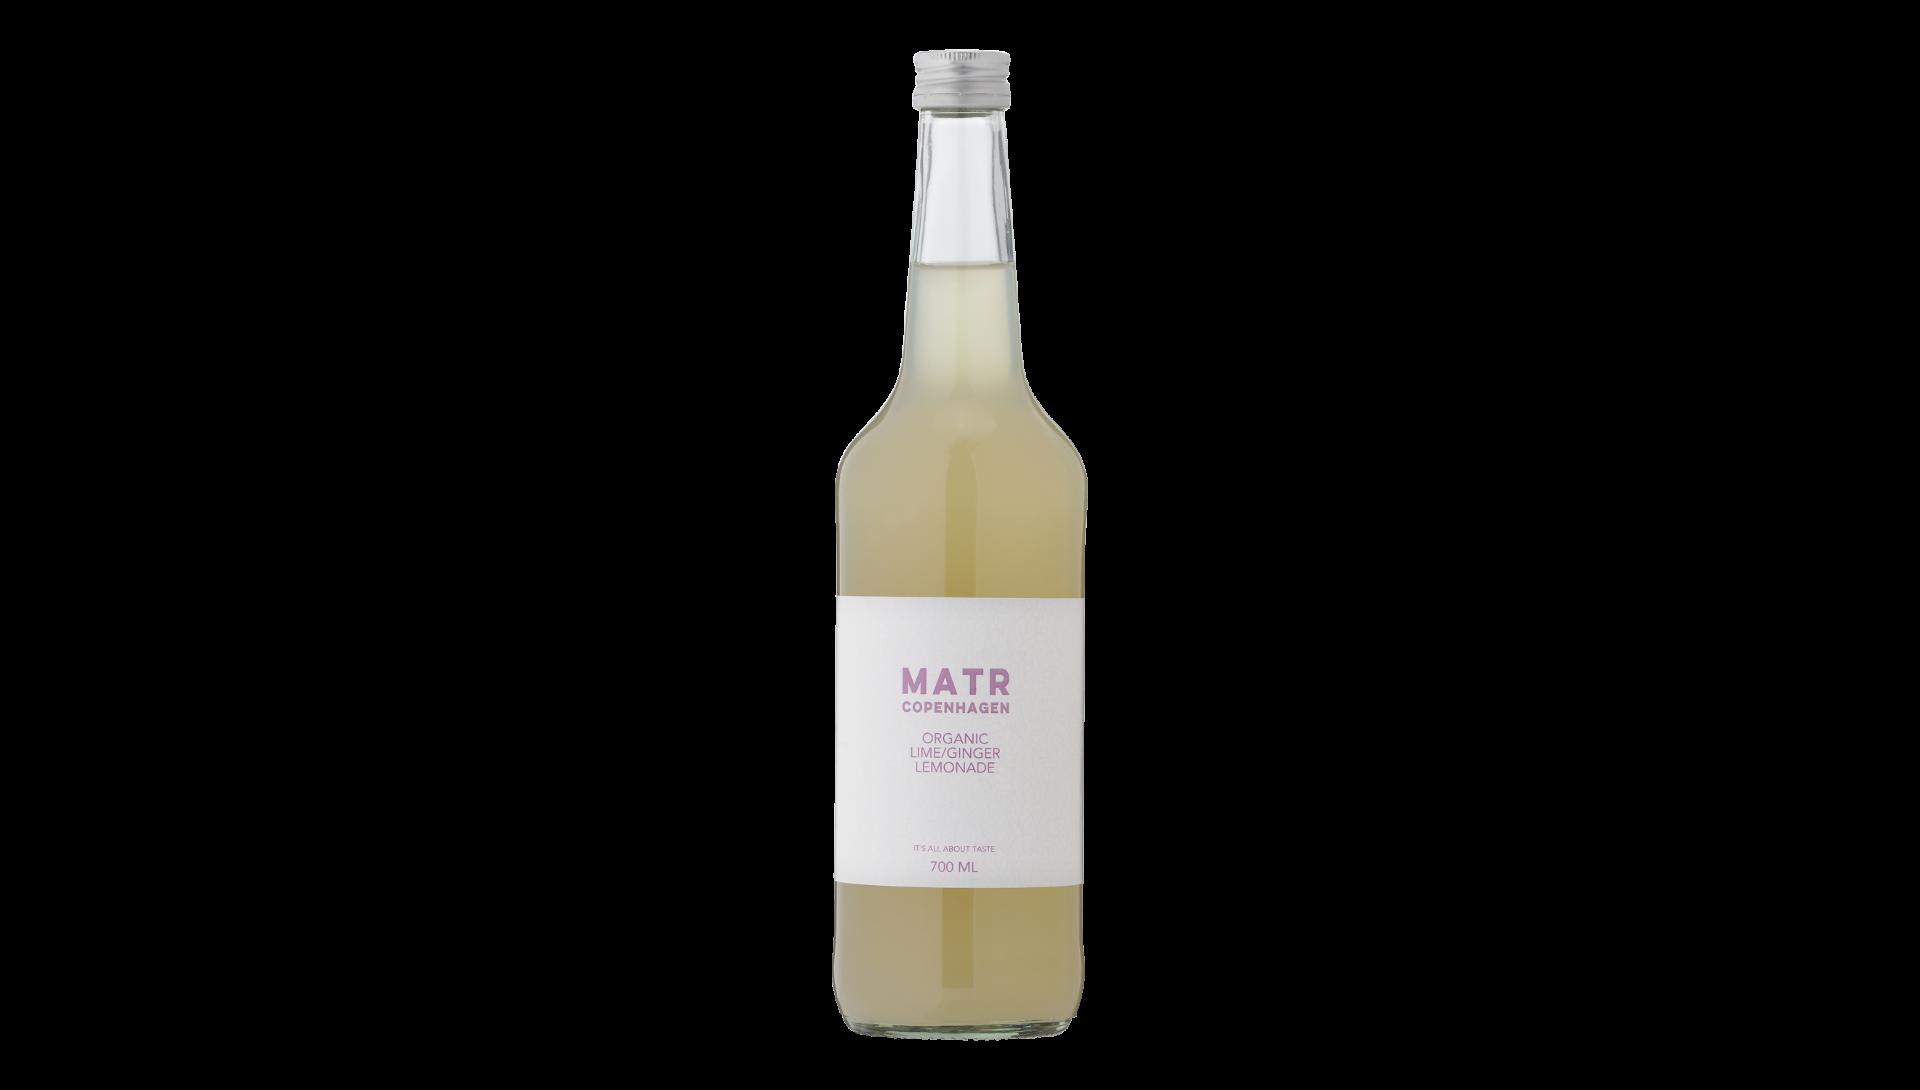 Økologisk lime ingefær lemonade i glasflaske